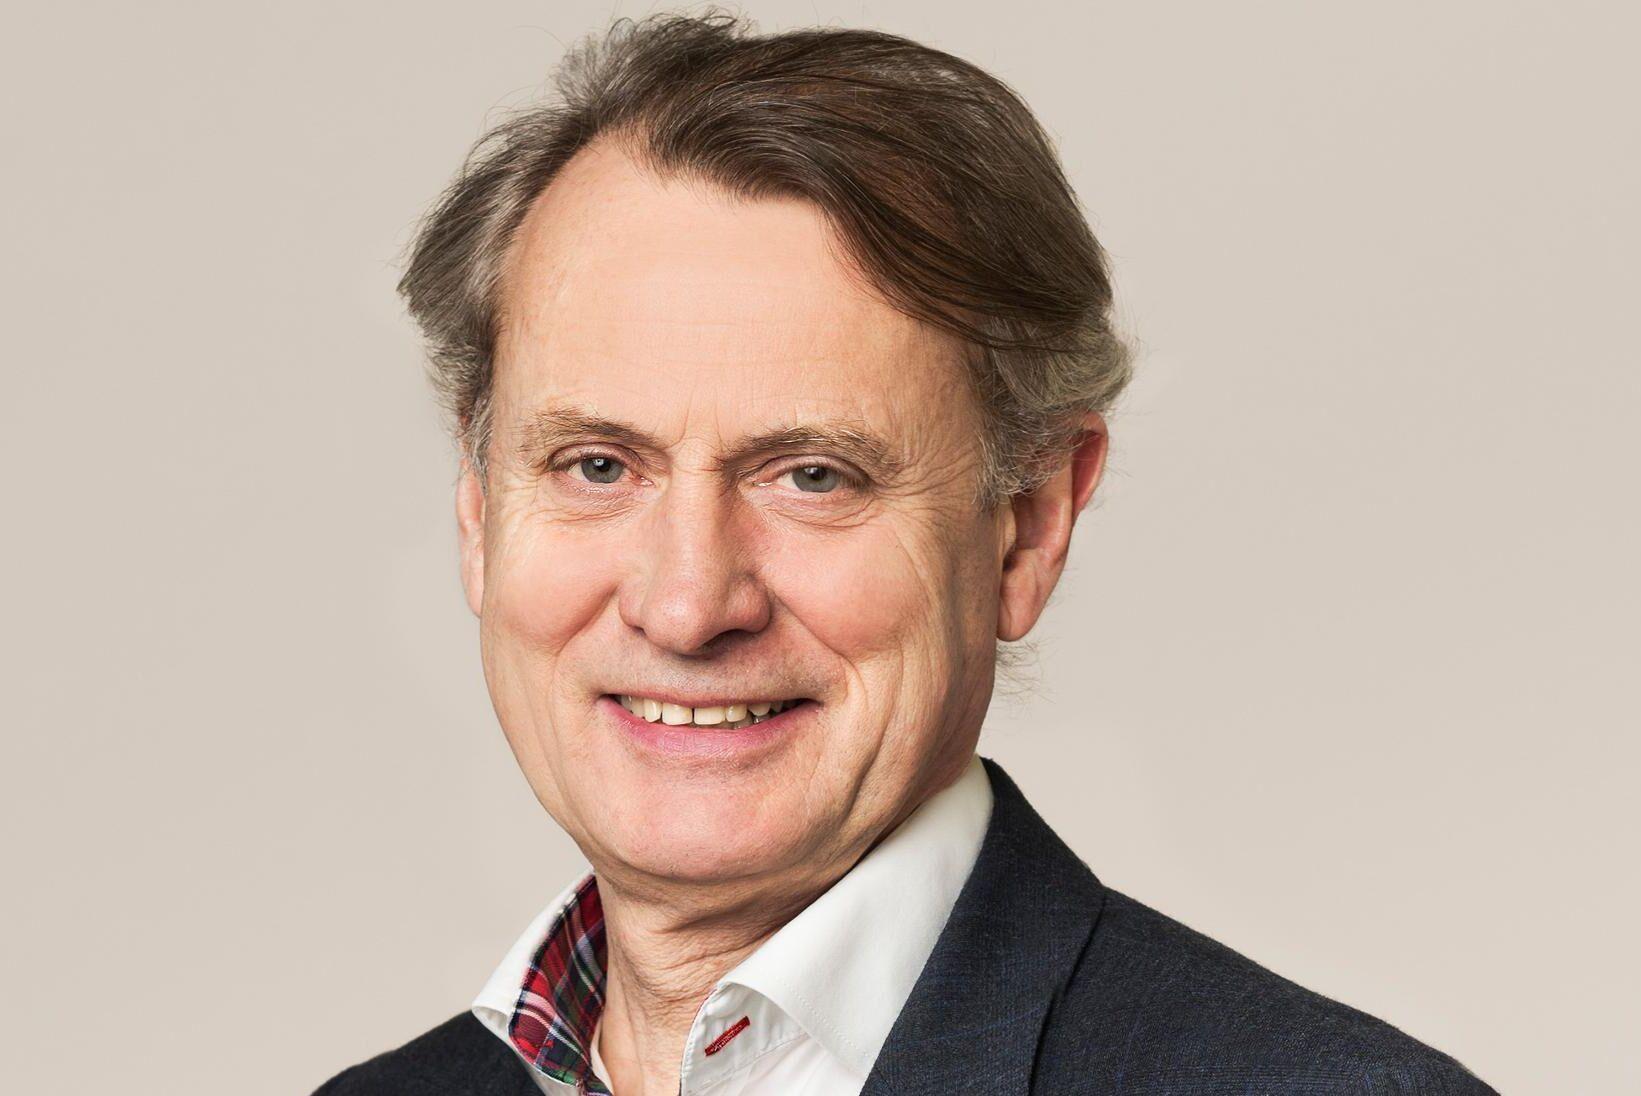 Anders Sundström väljer att avgå som ordförande för Coop Sverige. Tommy Ohlström, KFs vd, ersätter.